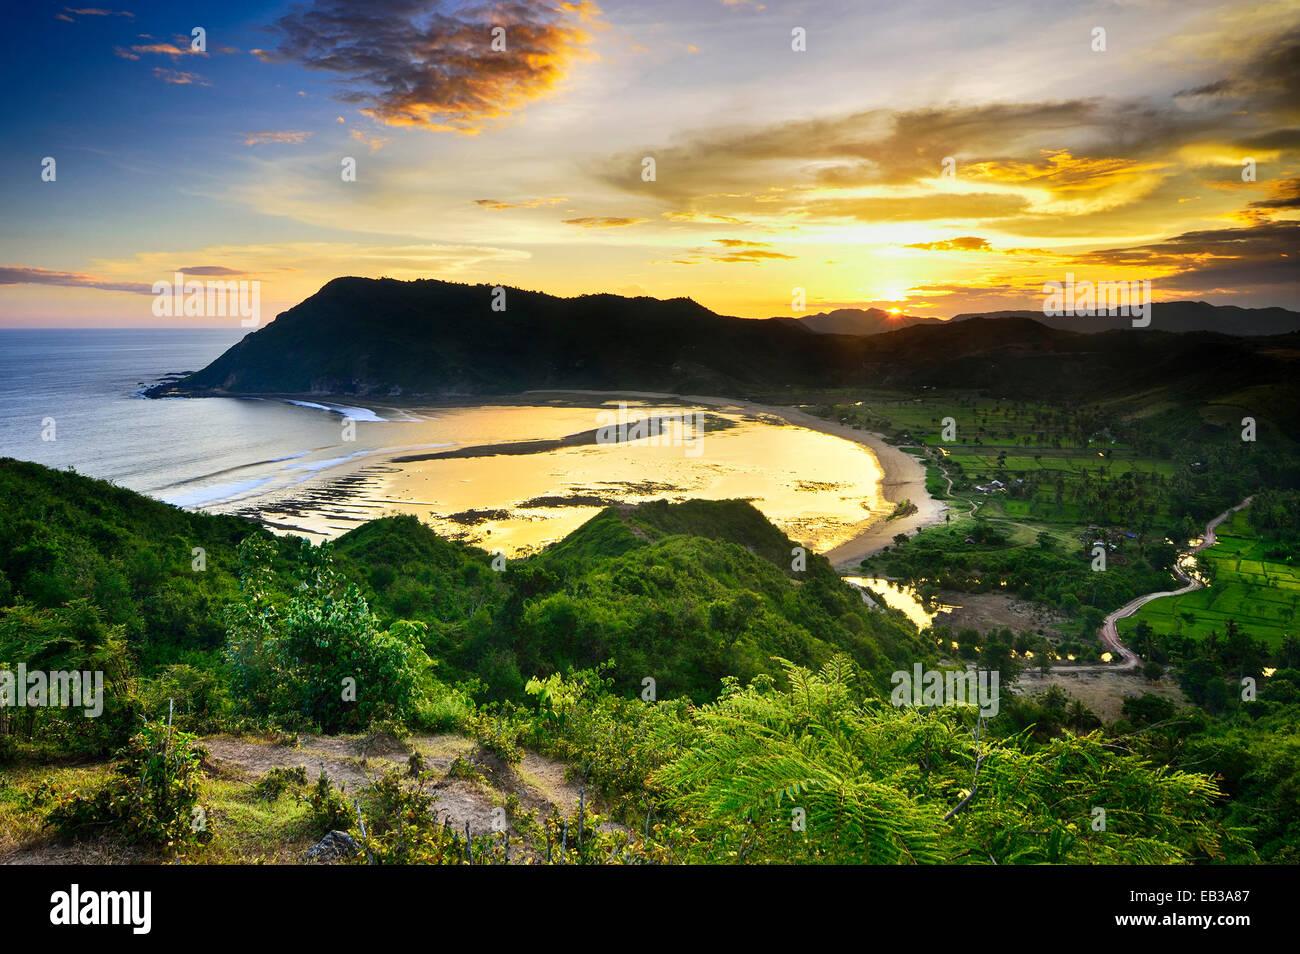 Vista de la bahía de elevados al atardecer Imagen De Stock